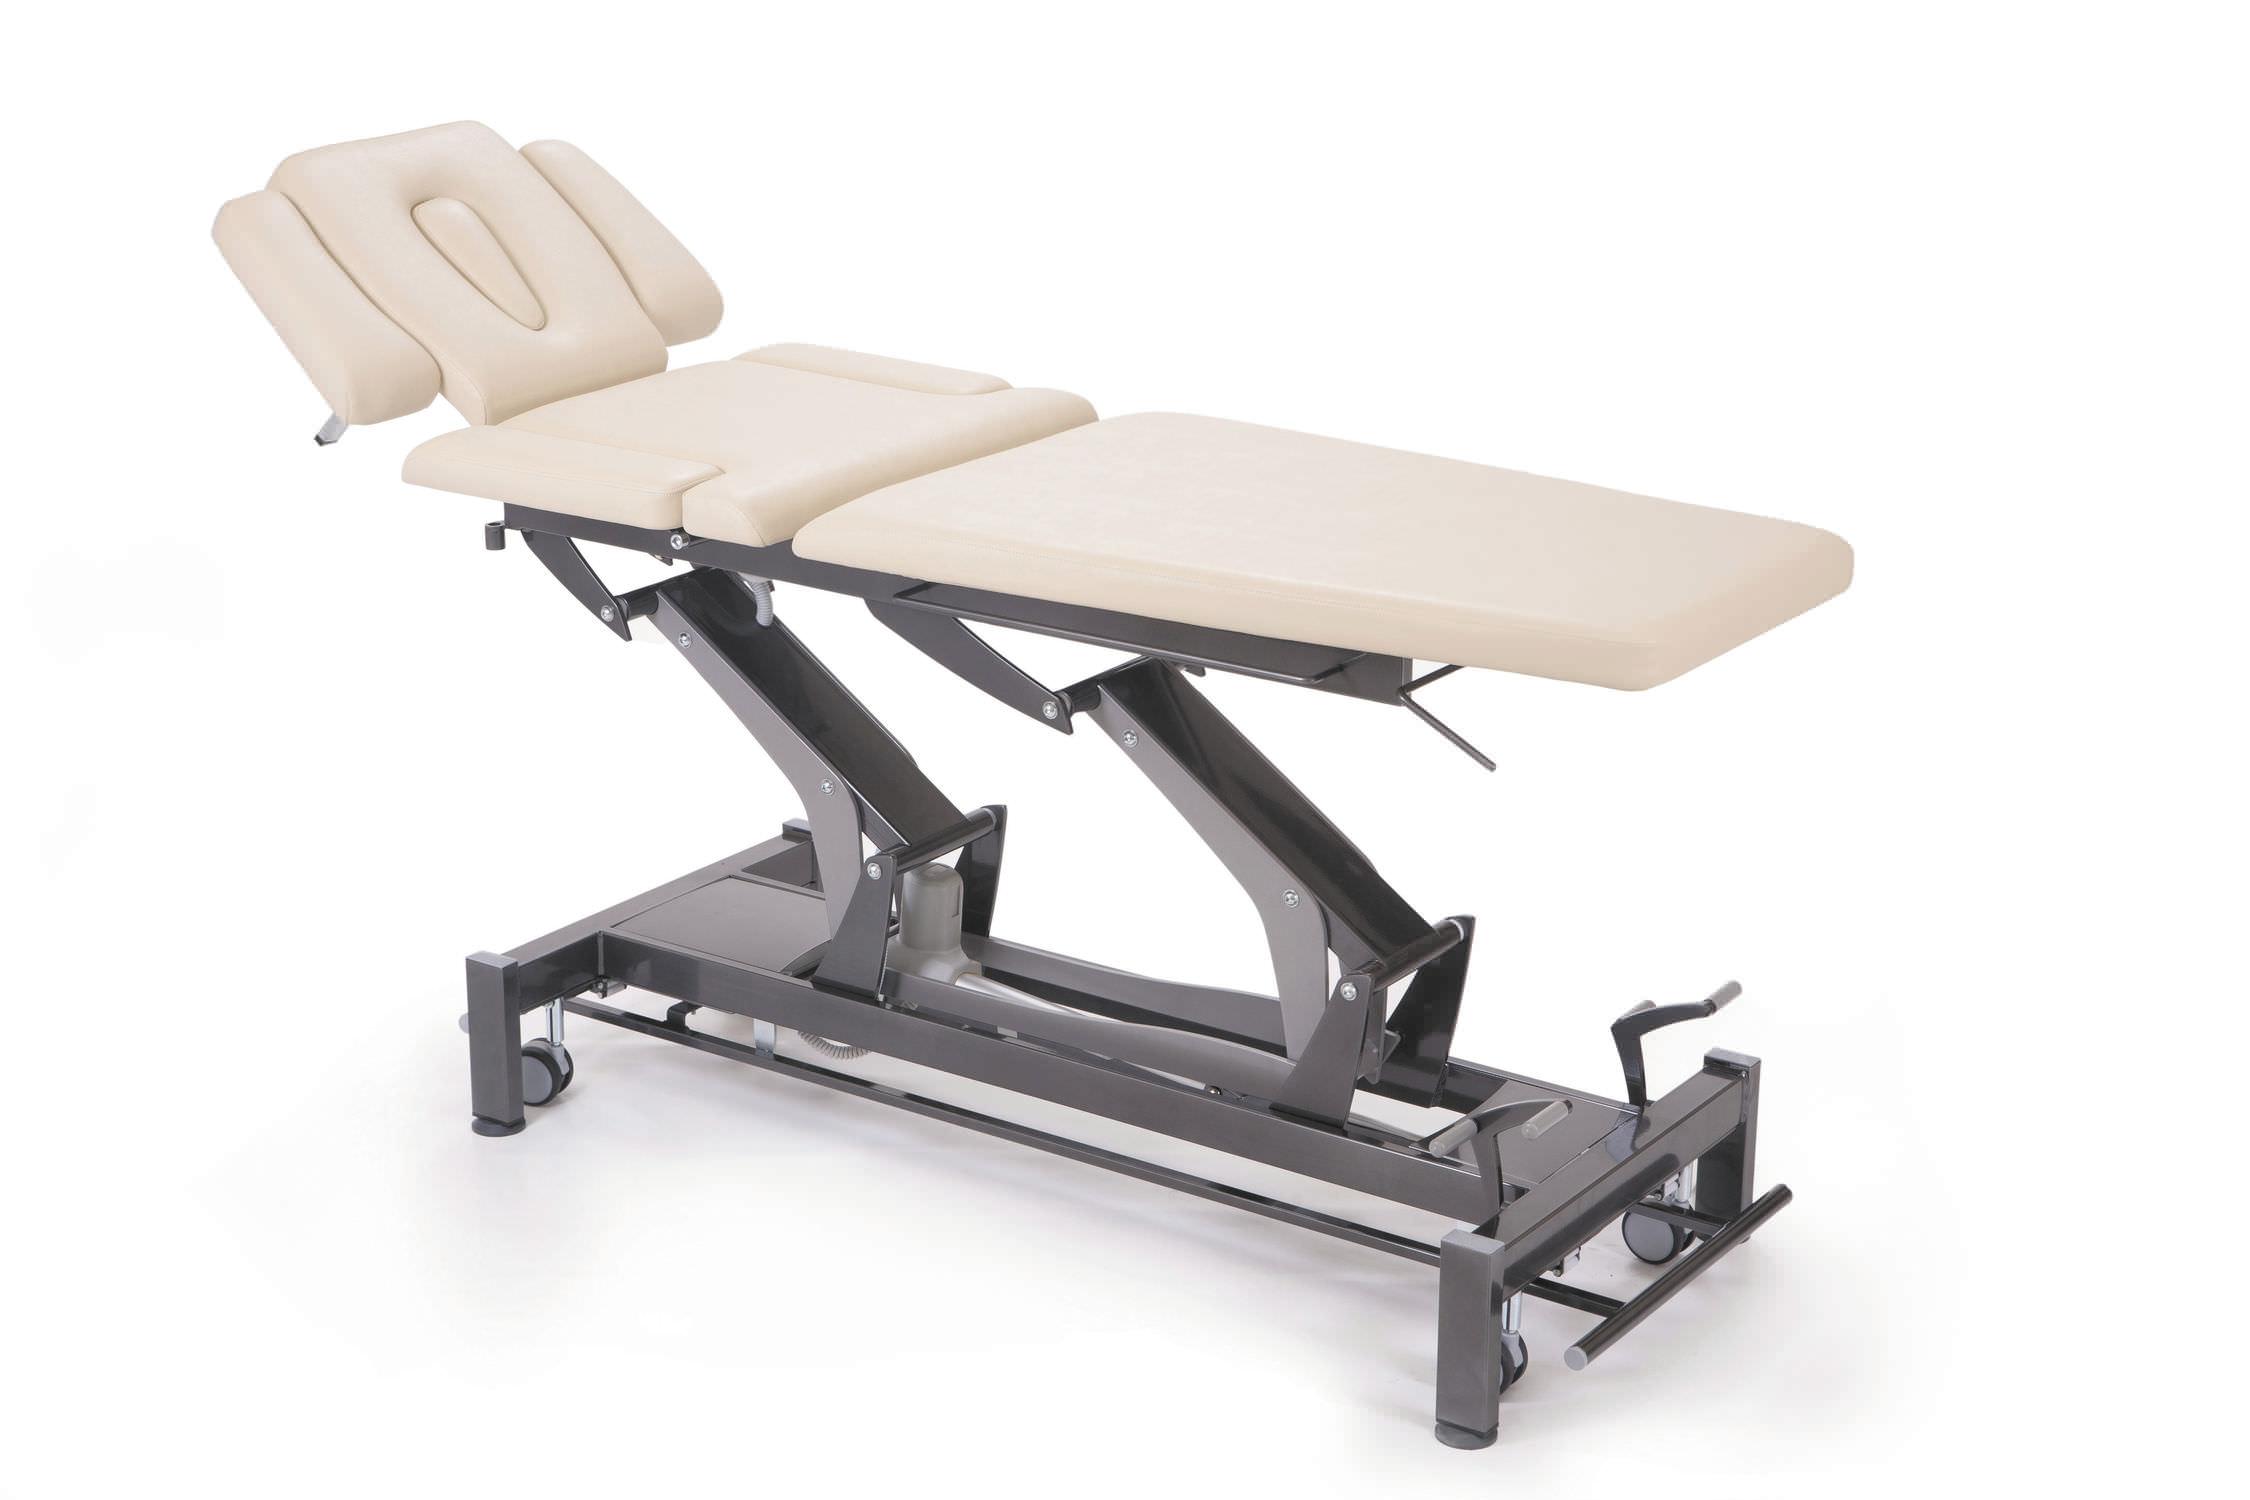 Lettino Da Massaggio Elettrico.Lettino Da Massaggio Elettrico Su Rotelle Regolabile In Altezza